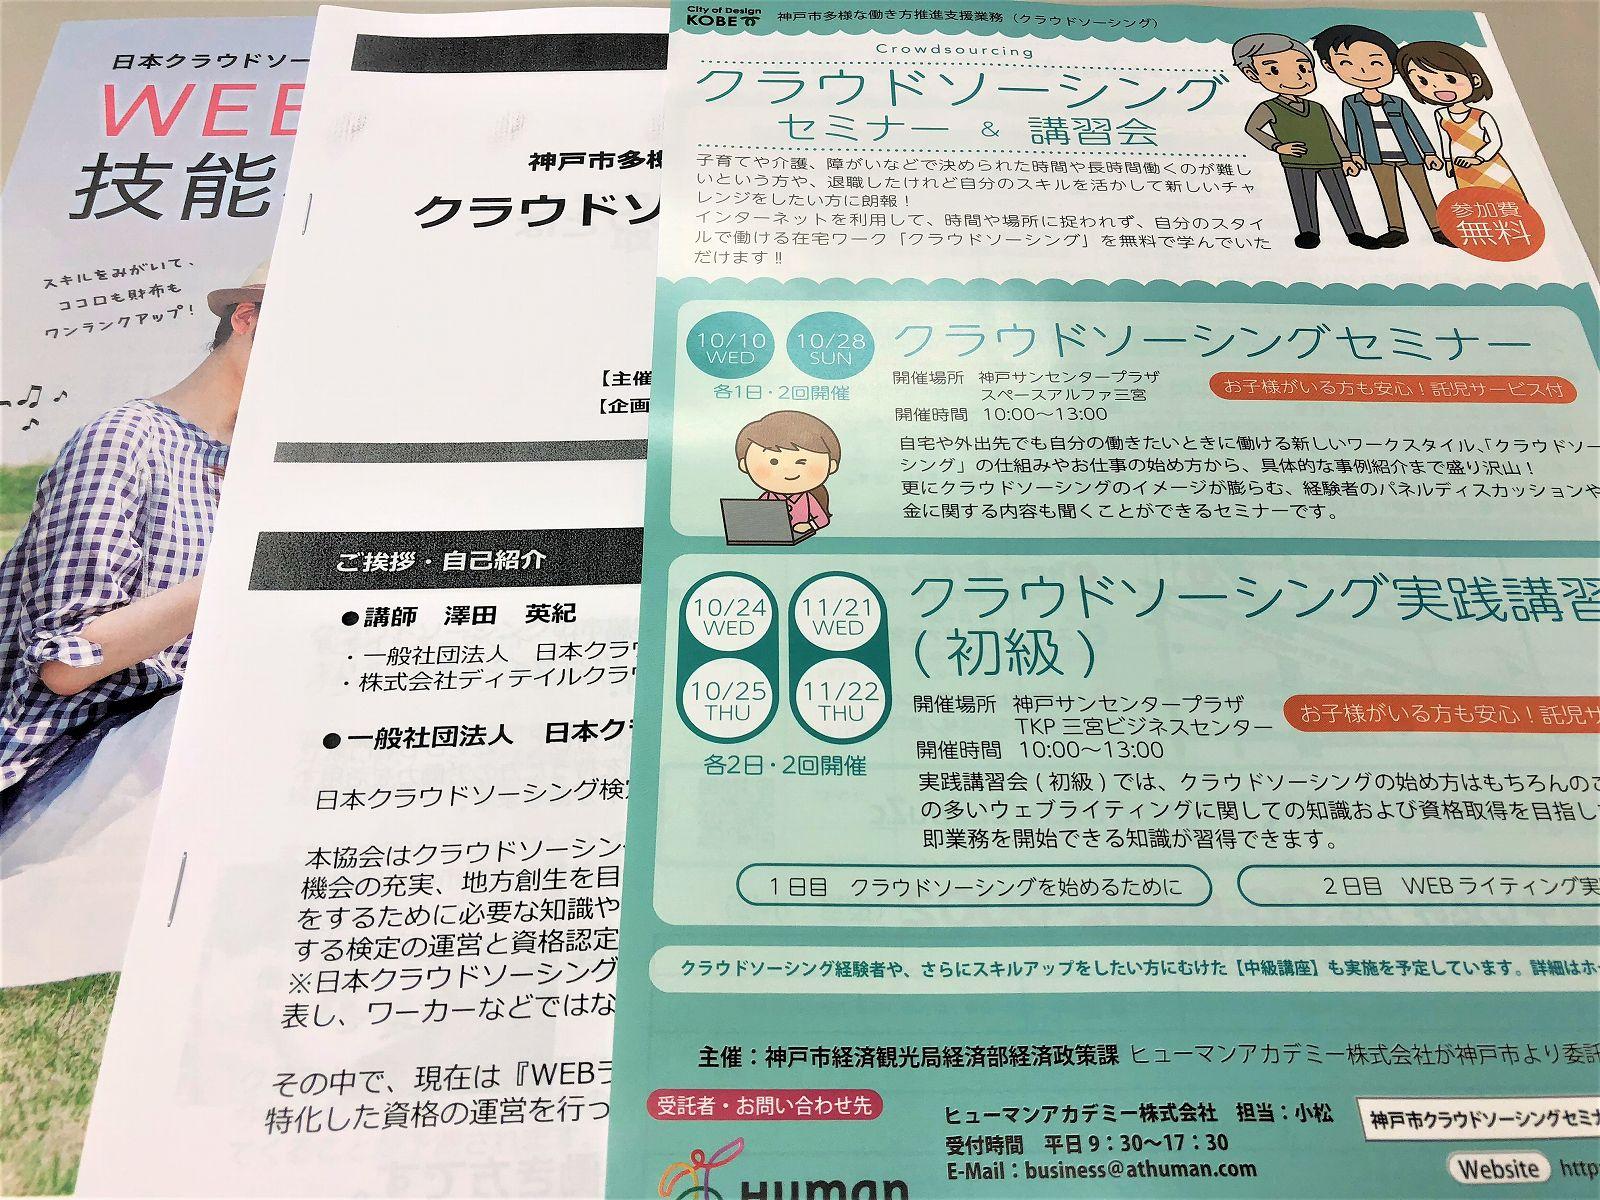 クラウドソーシングってなに!?神戸市が主催する「クラウドソーシングセミナー」に参加してみた! #クラウドソーシング #ランサーズ #クラウドワーカー #神戸市